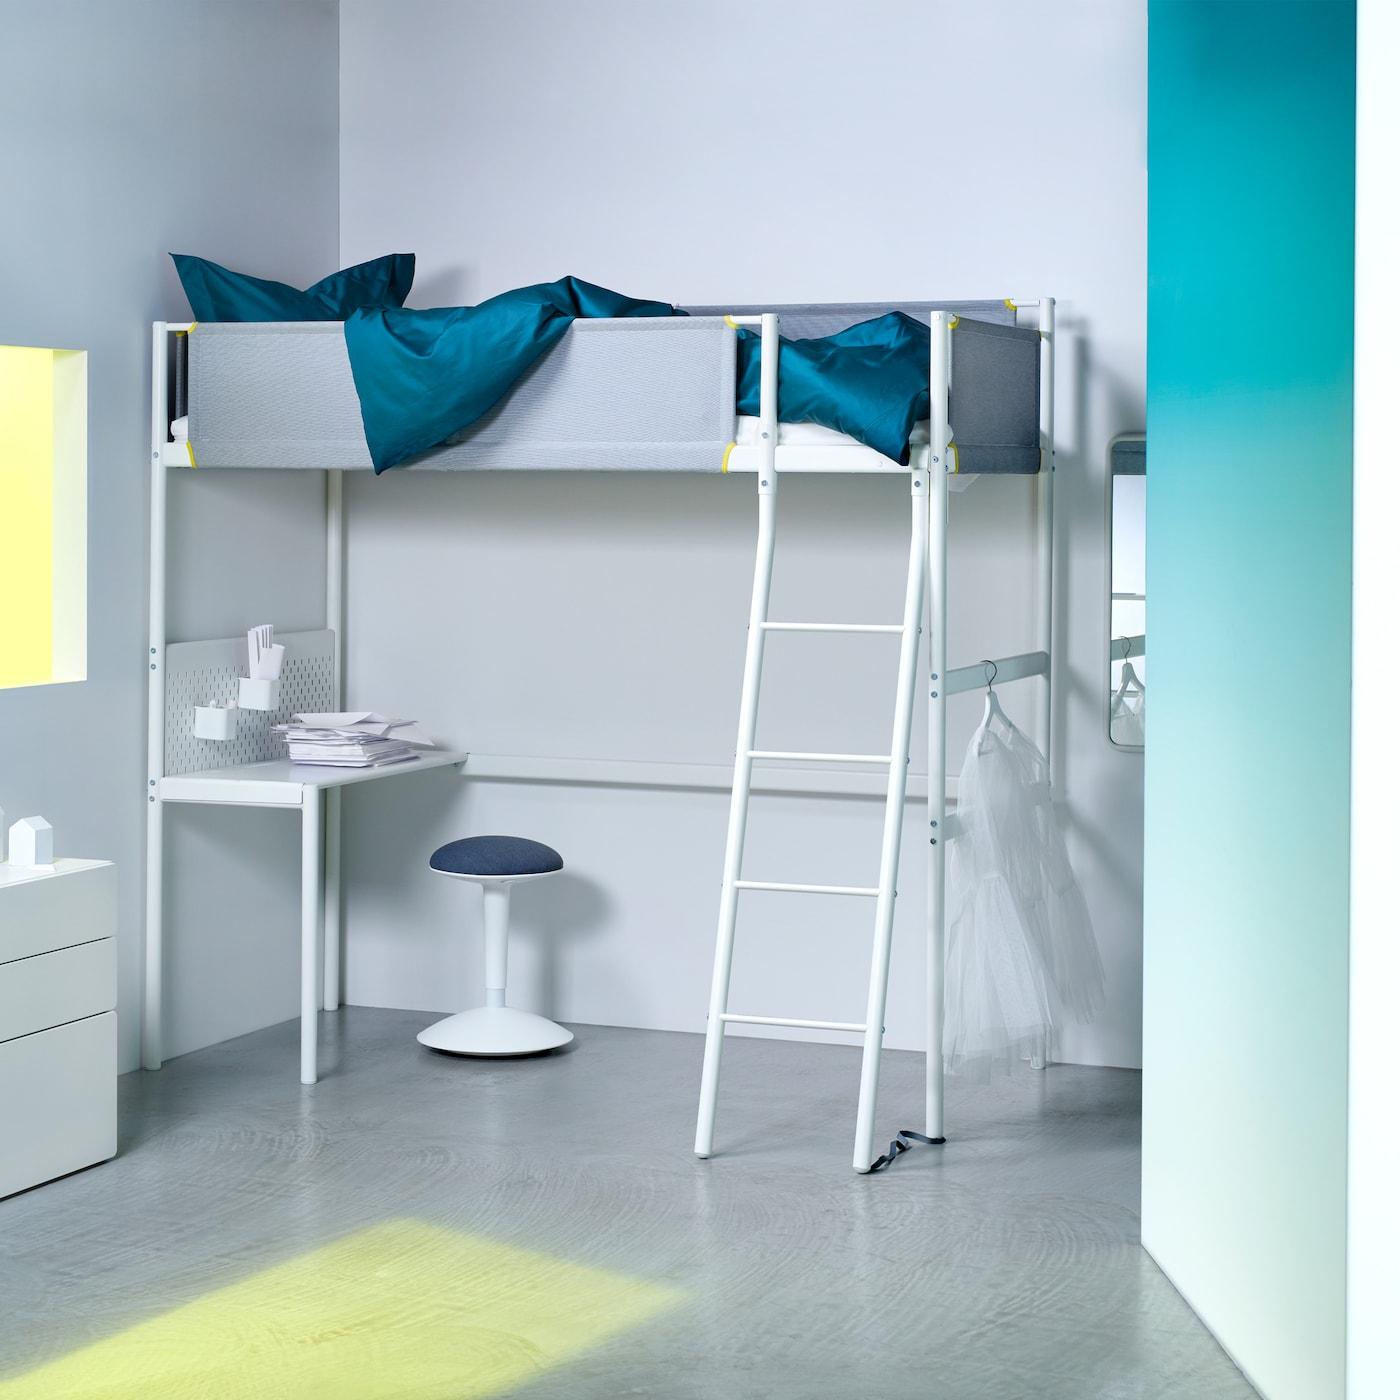 La cama alta VITVAL blanca con barandillas de tela, una escalerilla y un escritorio opcional debajo.